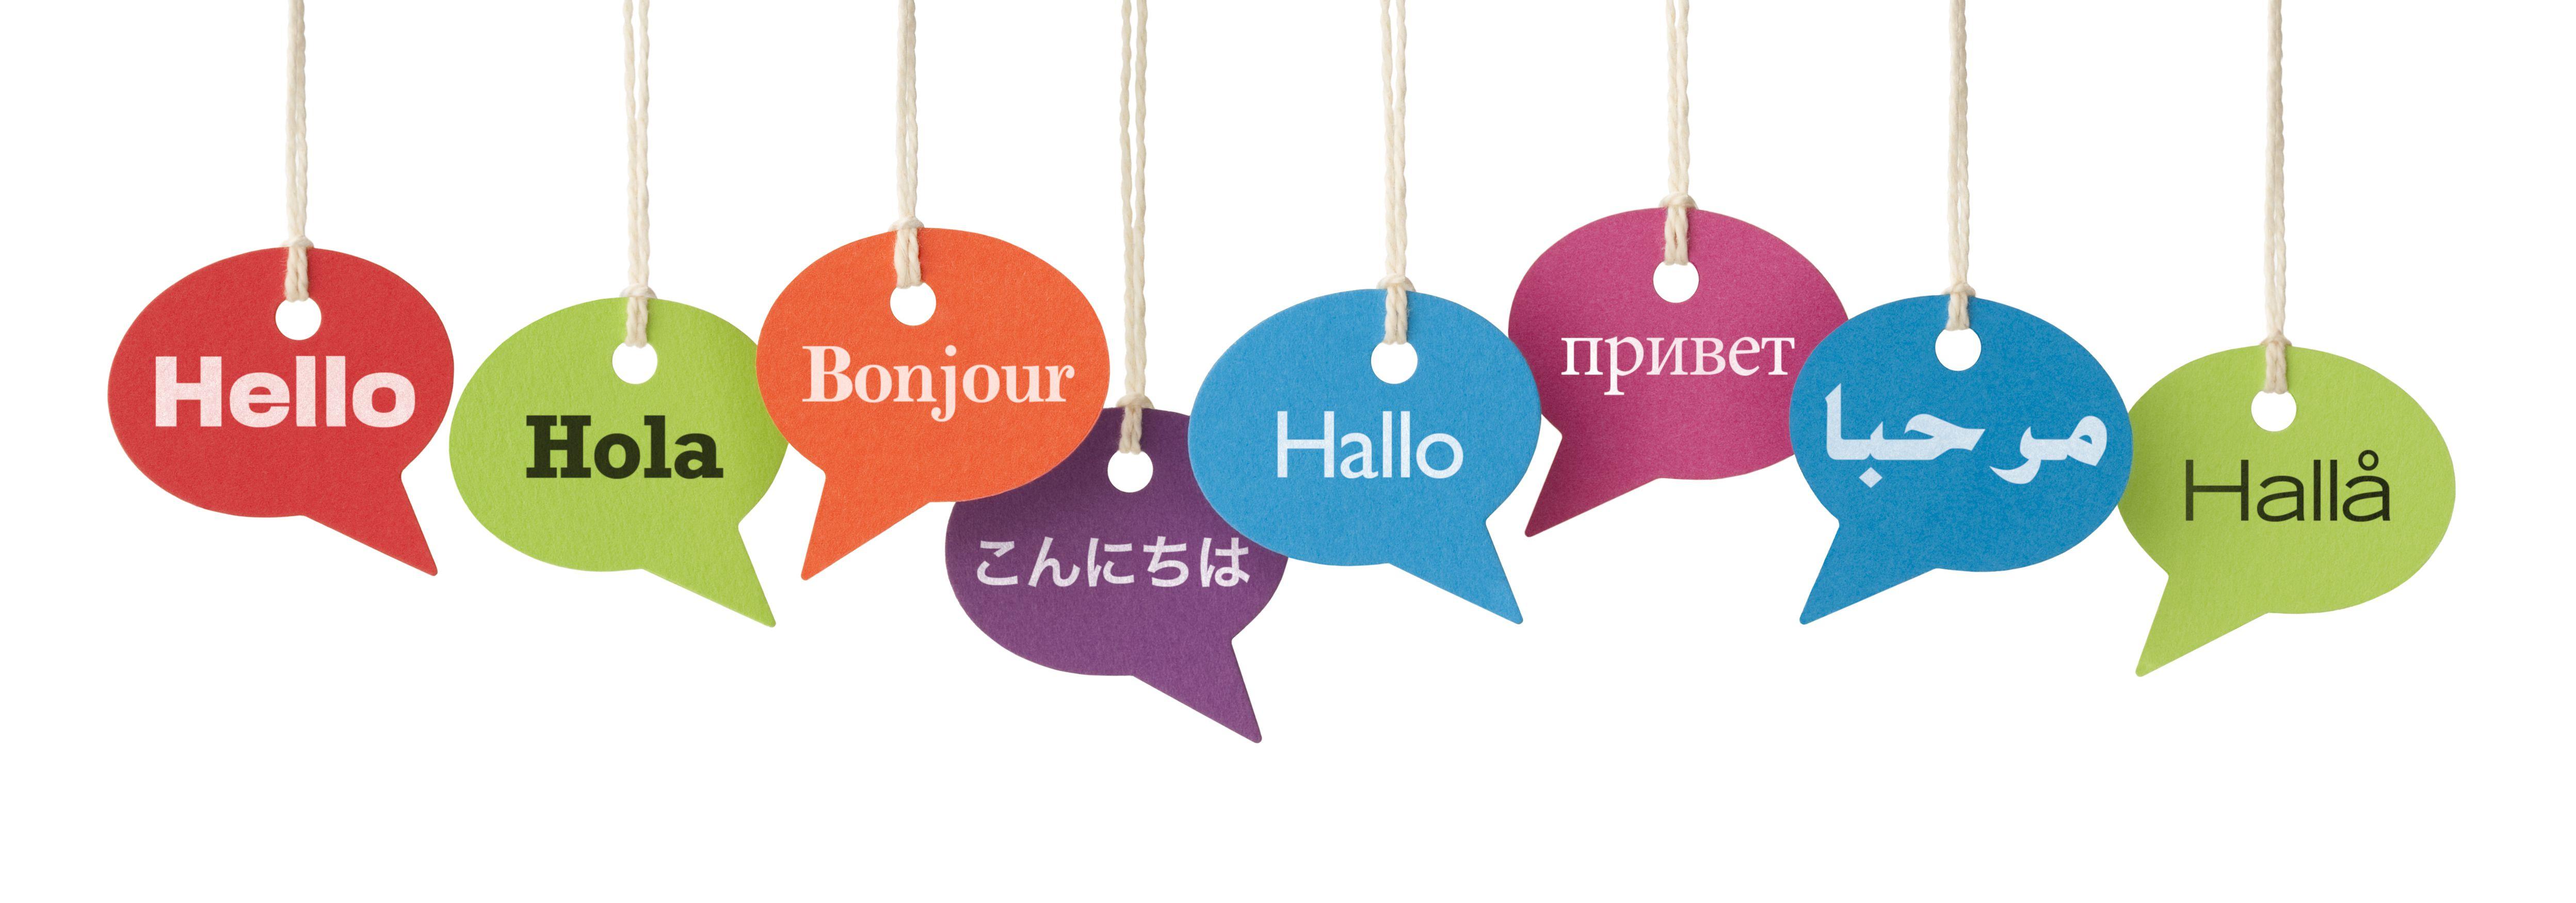 Traducir dialectos